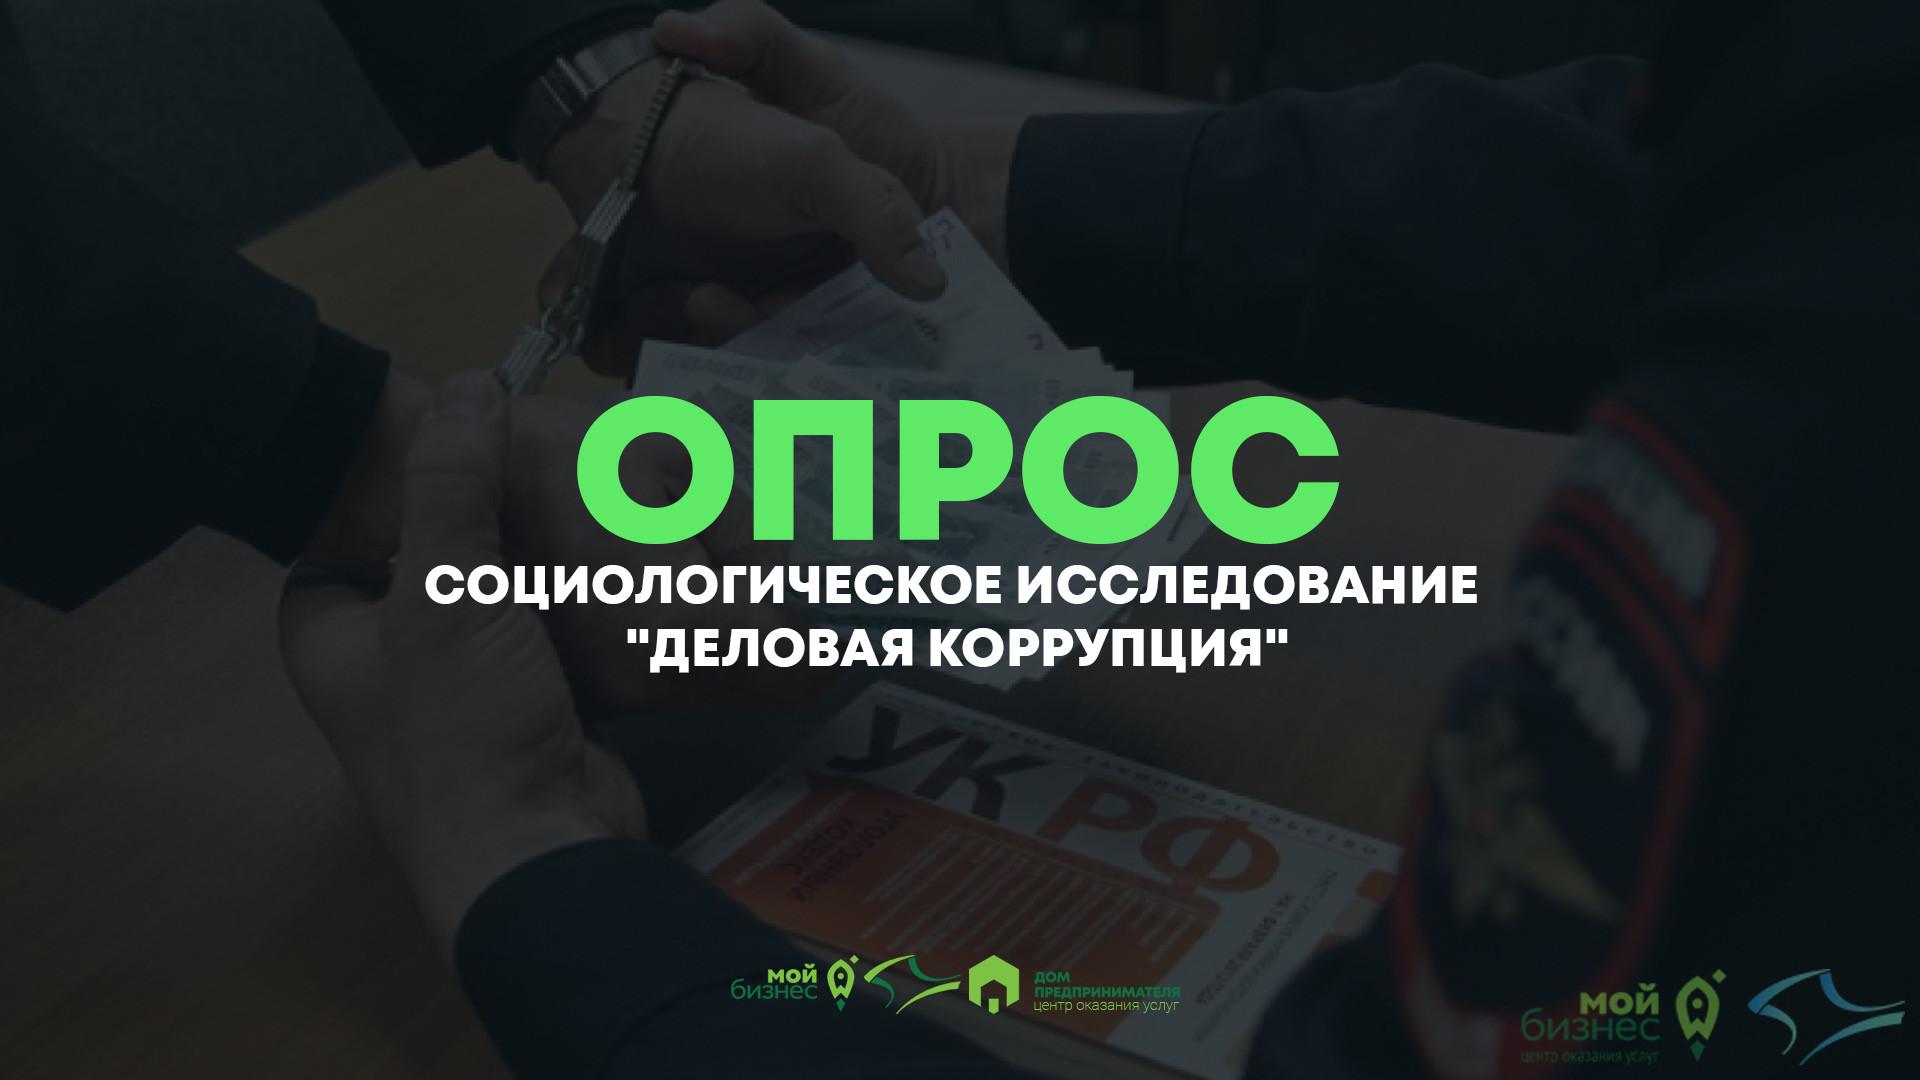 Приглашаем принять участие в социологическом опросе в целях оценки уровня «деловой» коррупции в Республике Крым.